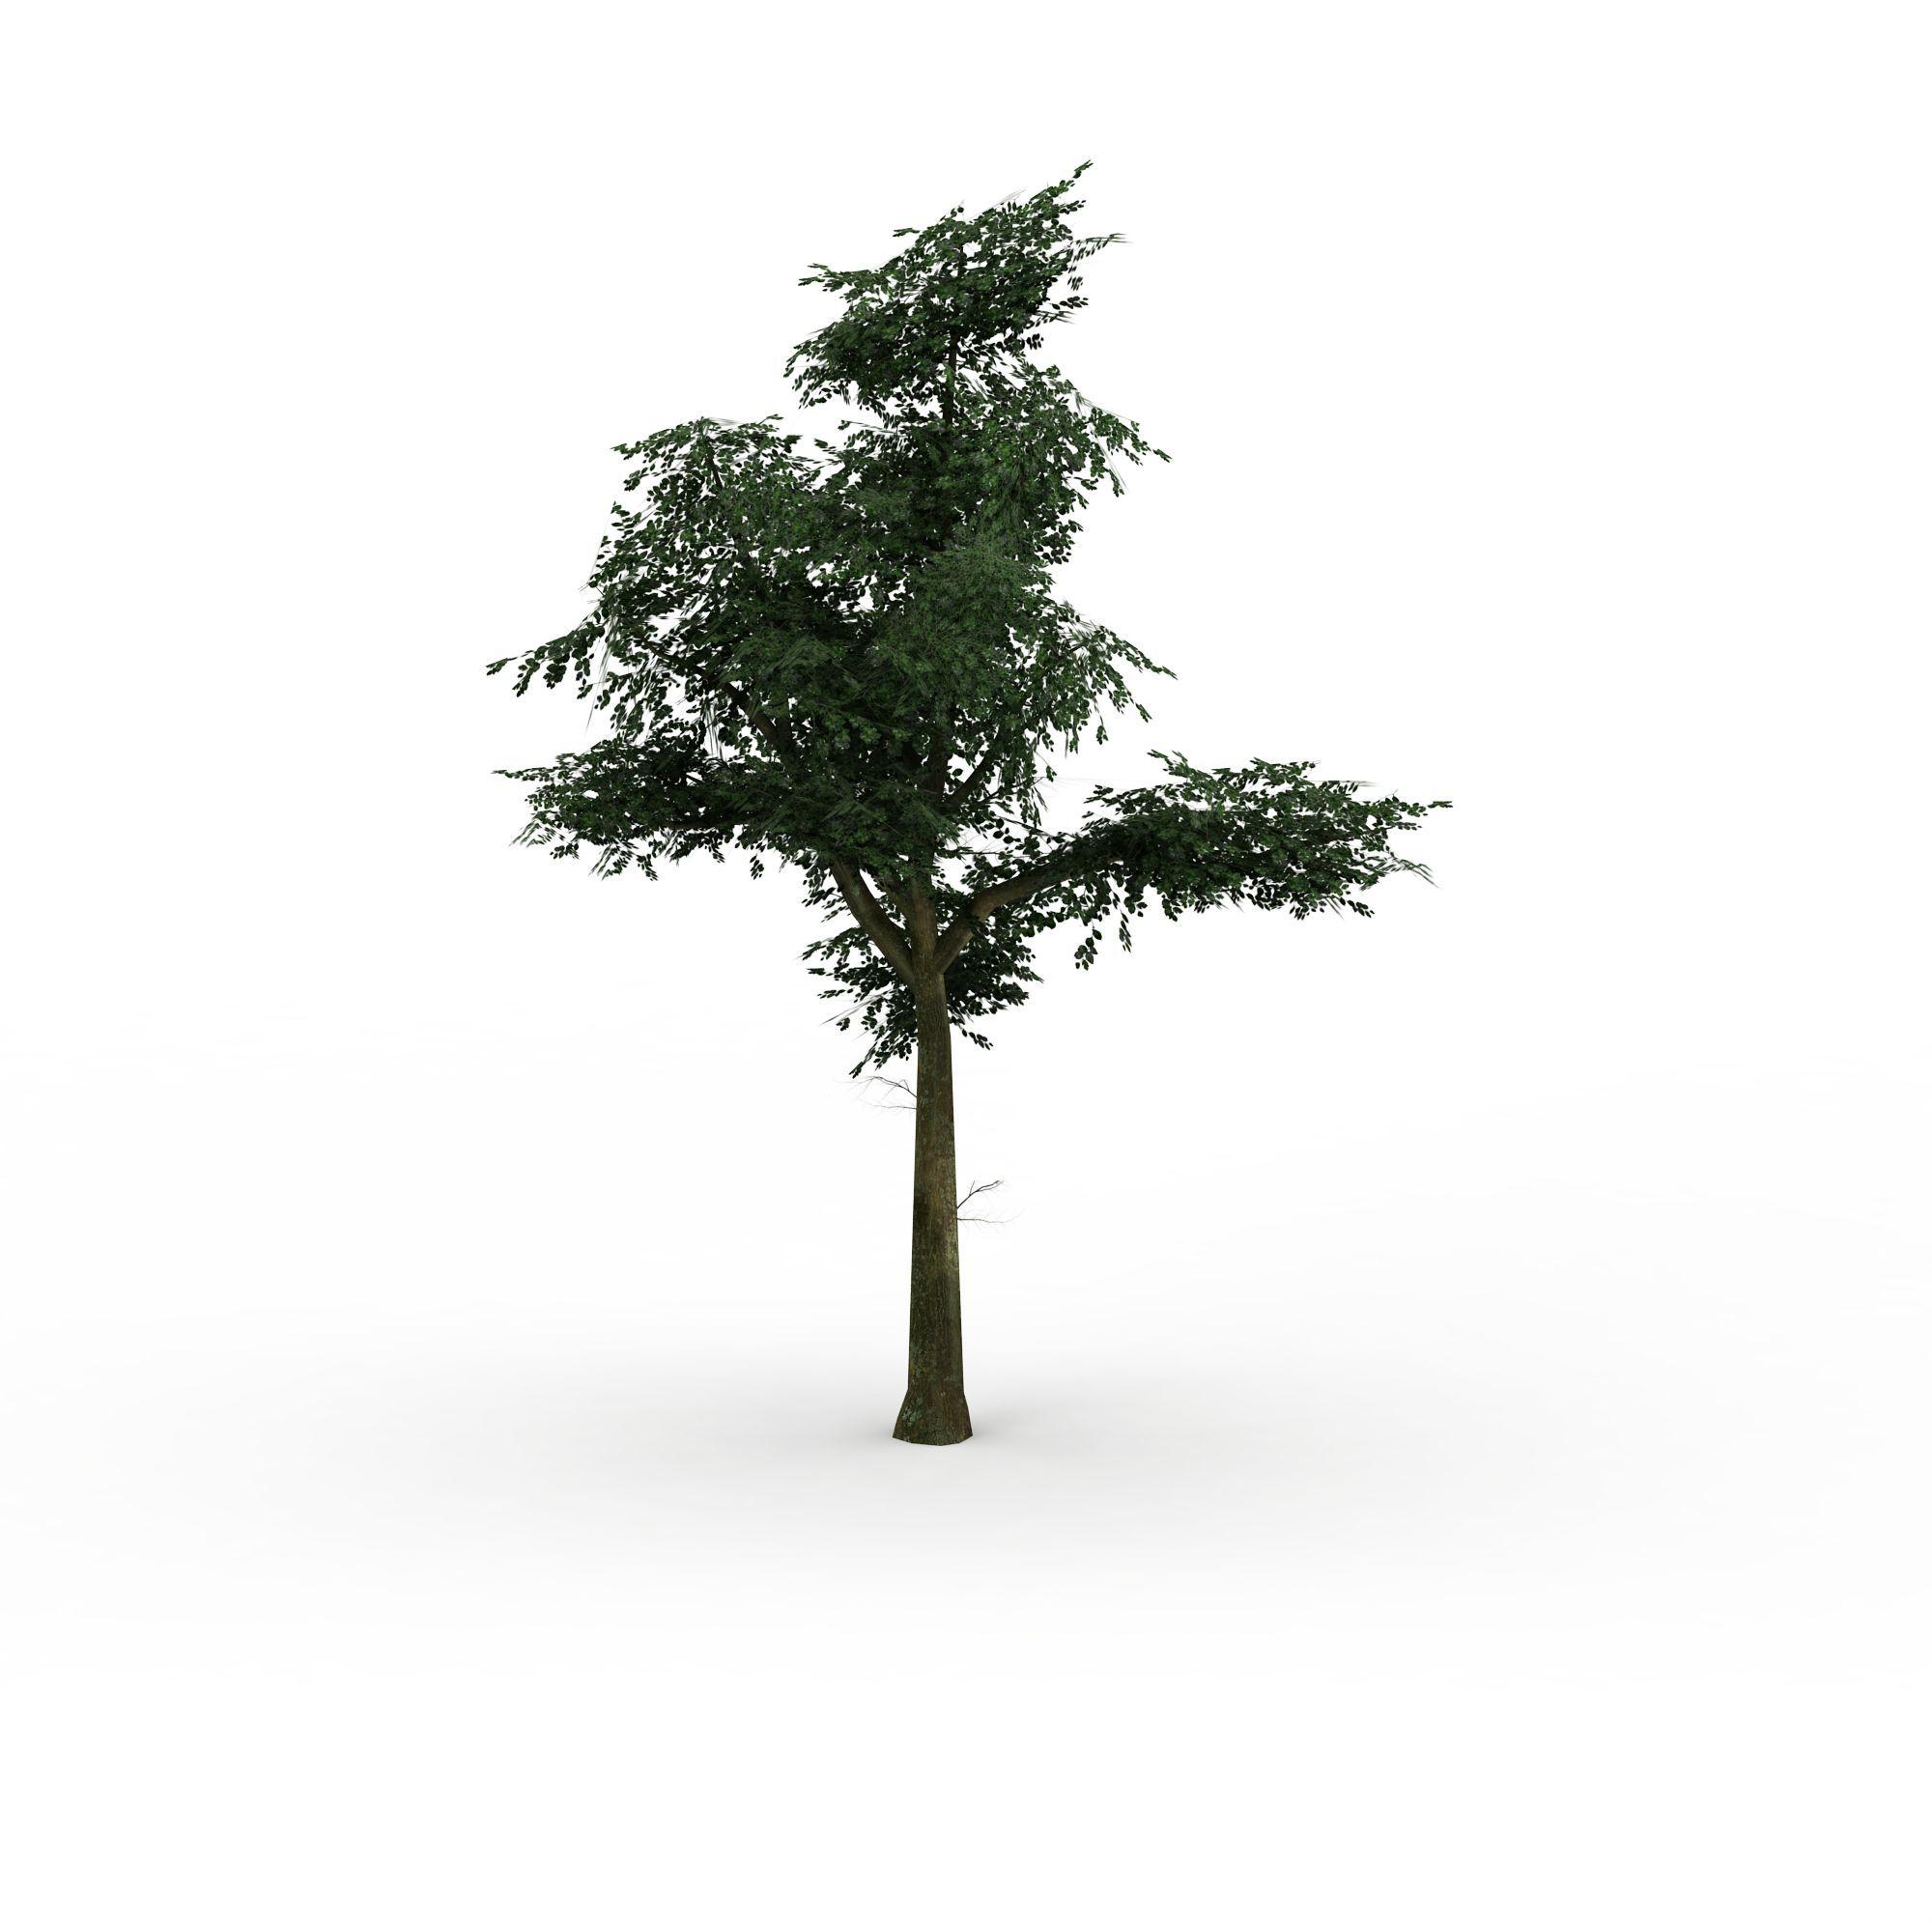 绿树图片_绿树png图片素材_绿树png高清图下载